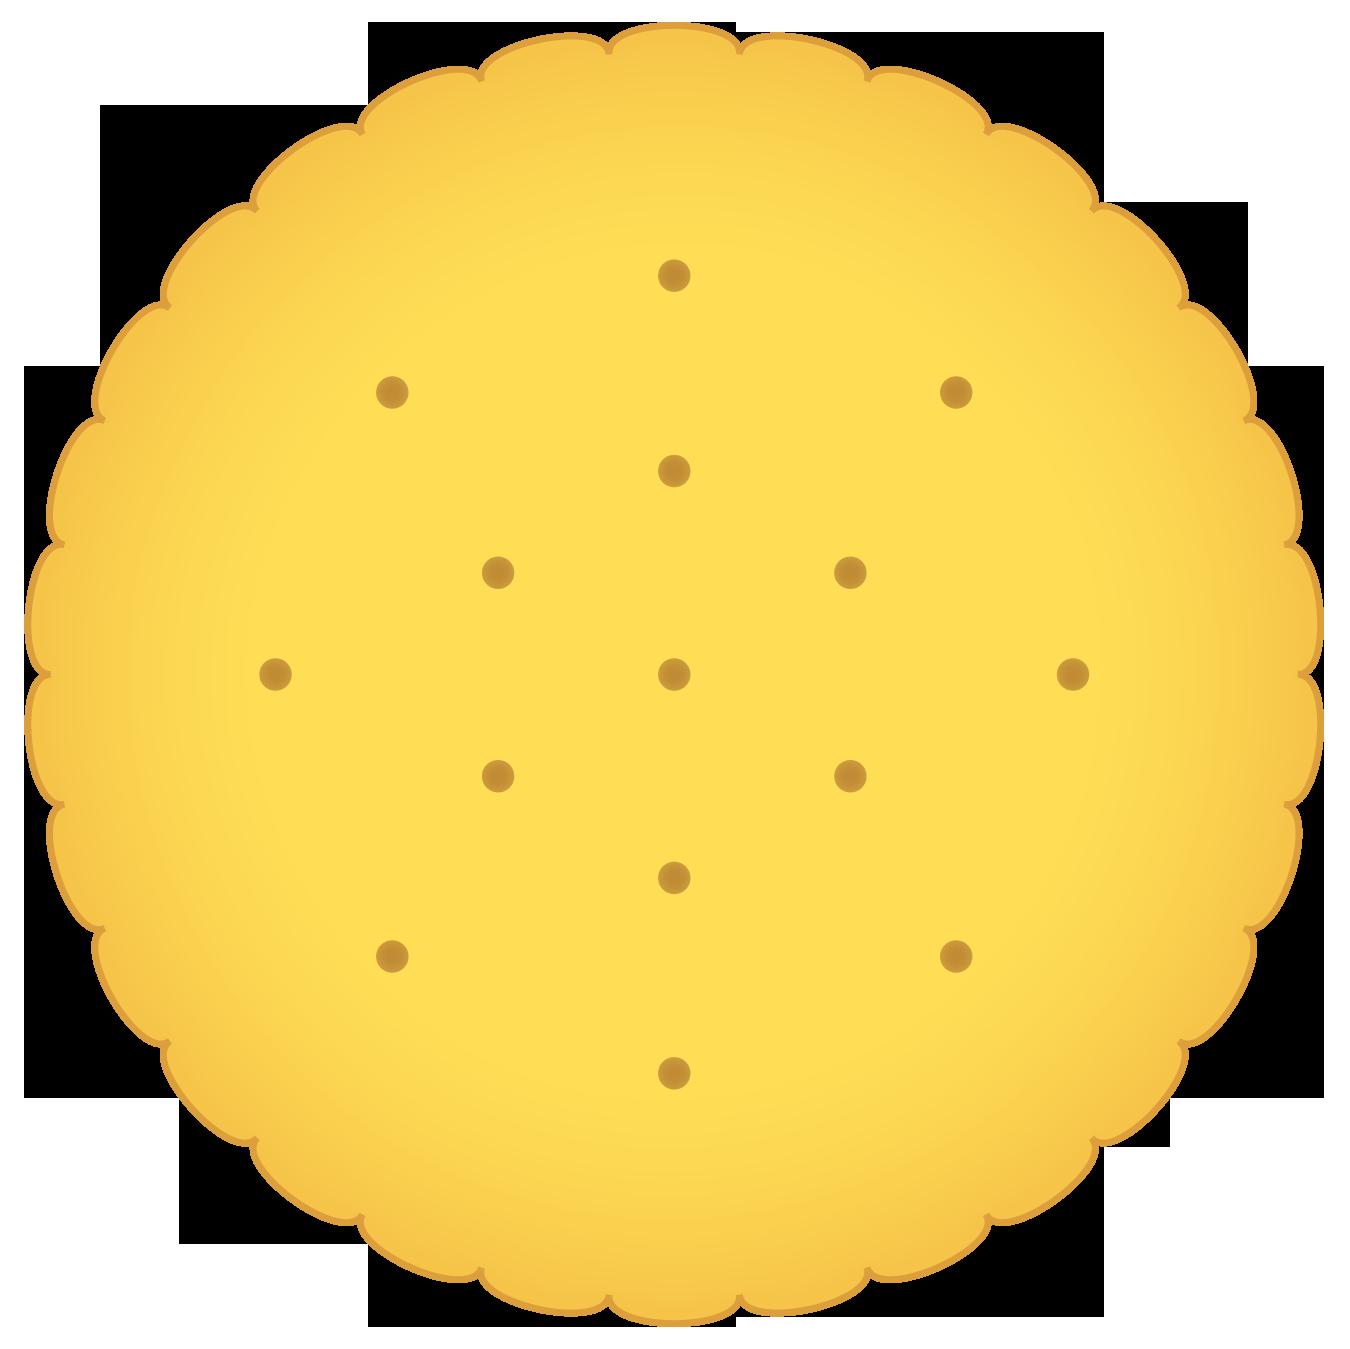 低アレルゲン化クッキーによる、卵アレルギーの治療の報告